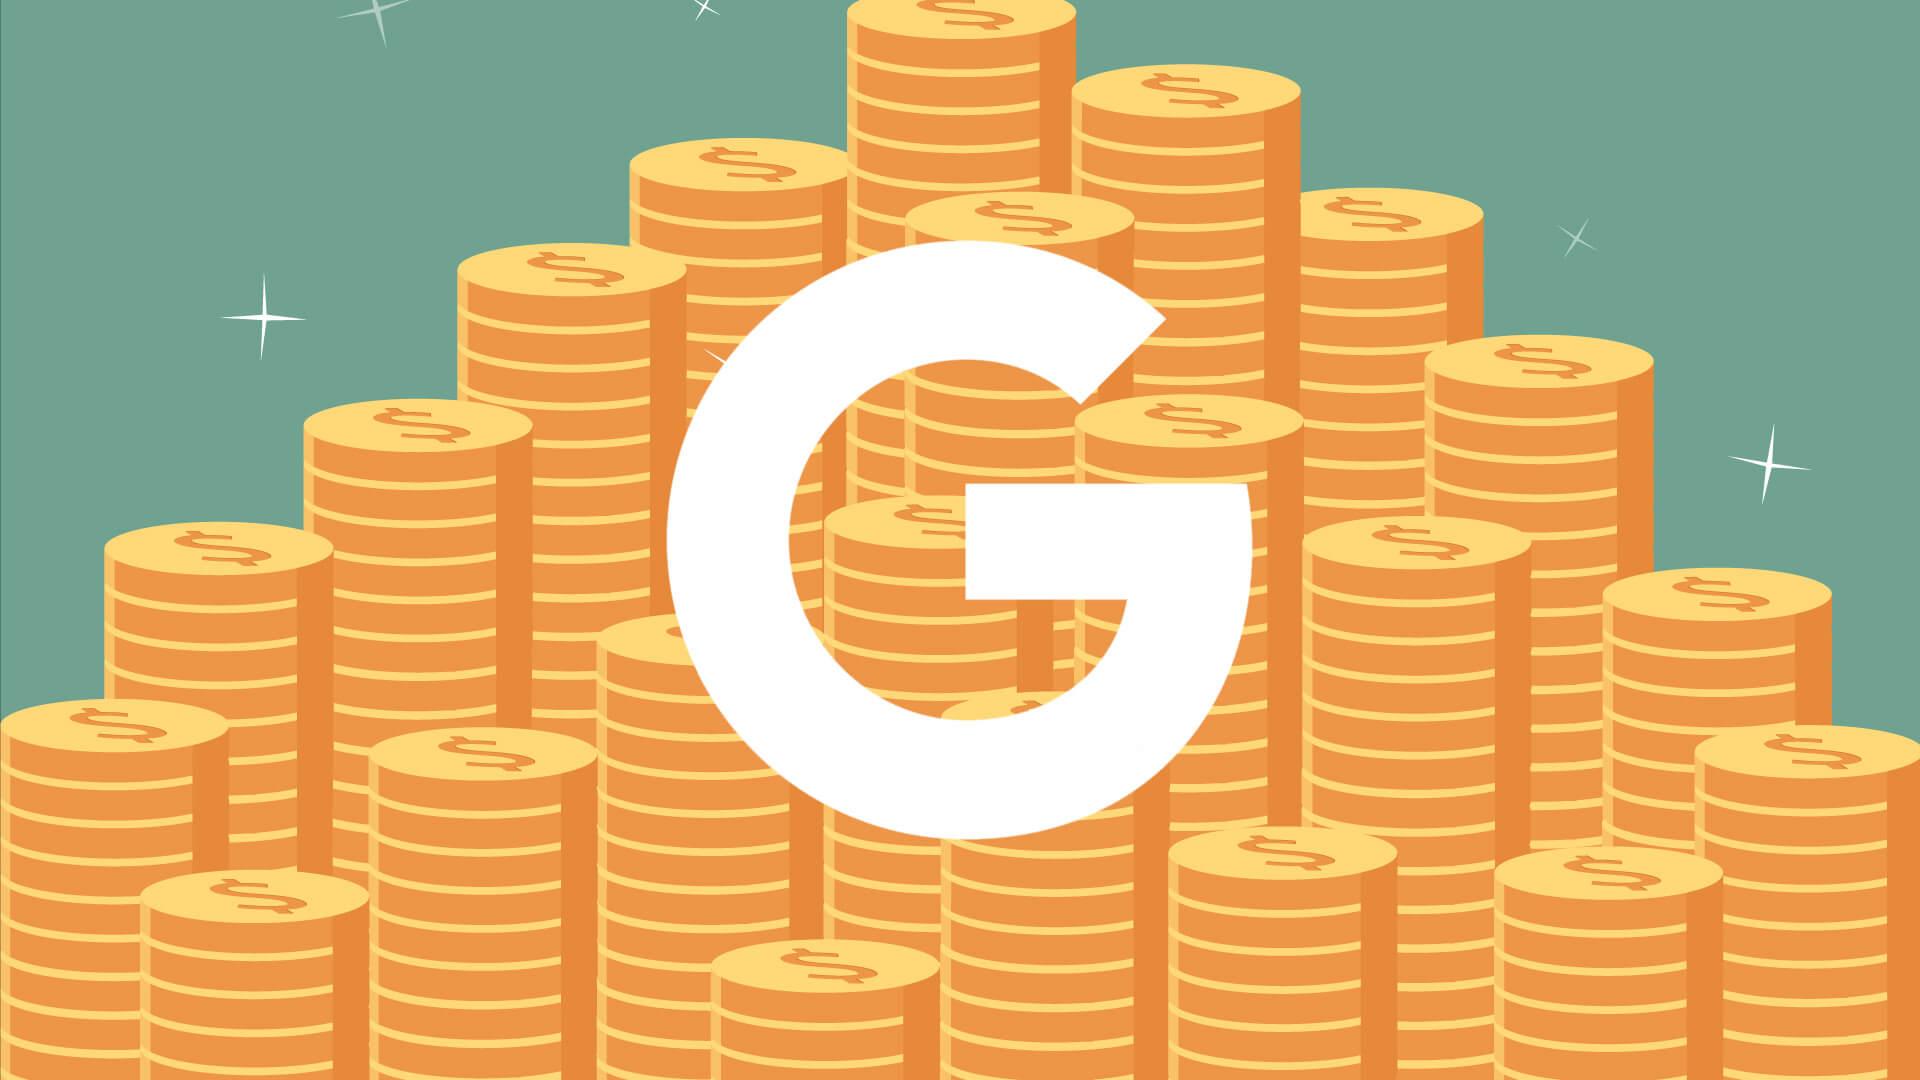 درآمد گوگل چقدر است؟ گوگل چگونه درآمدزایی می کند؟